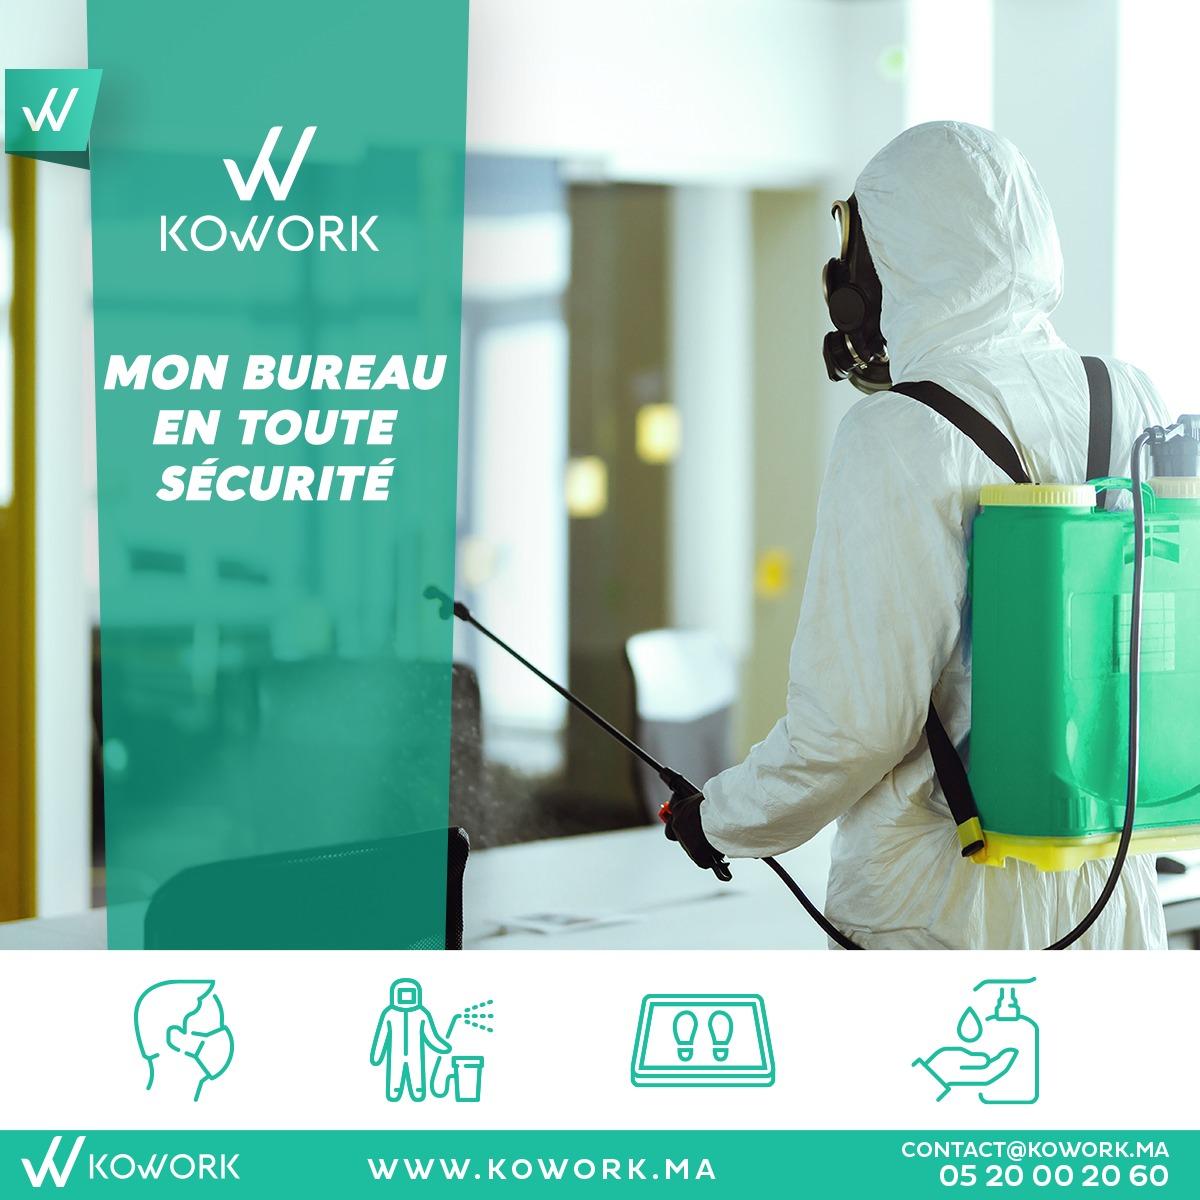 Les mesures et améliorations de Kowork face aux risques sanitaires